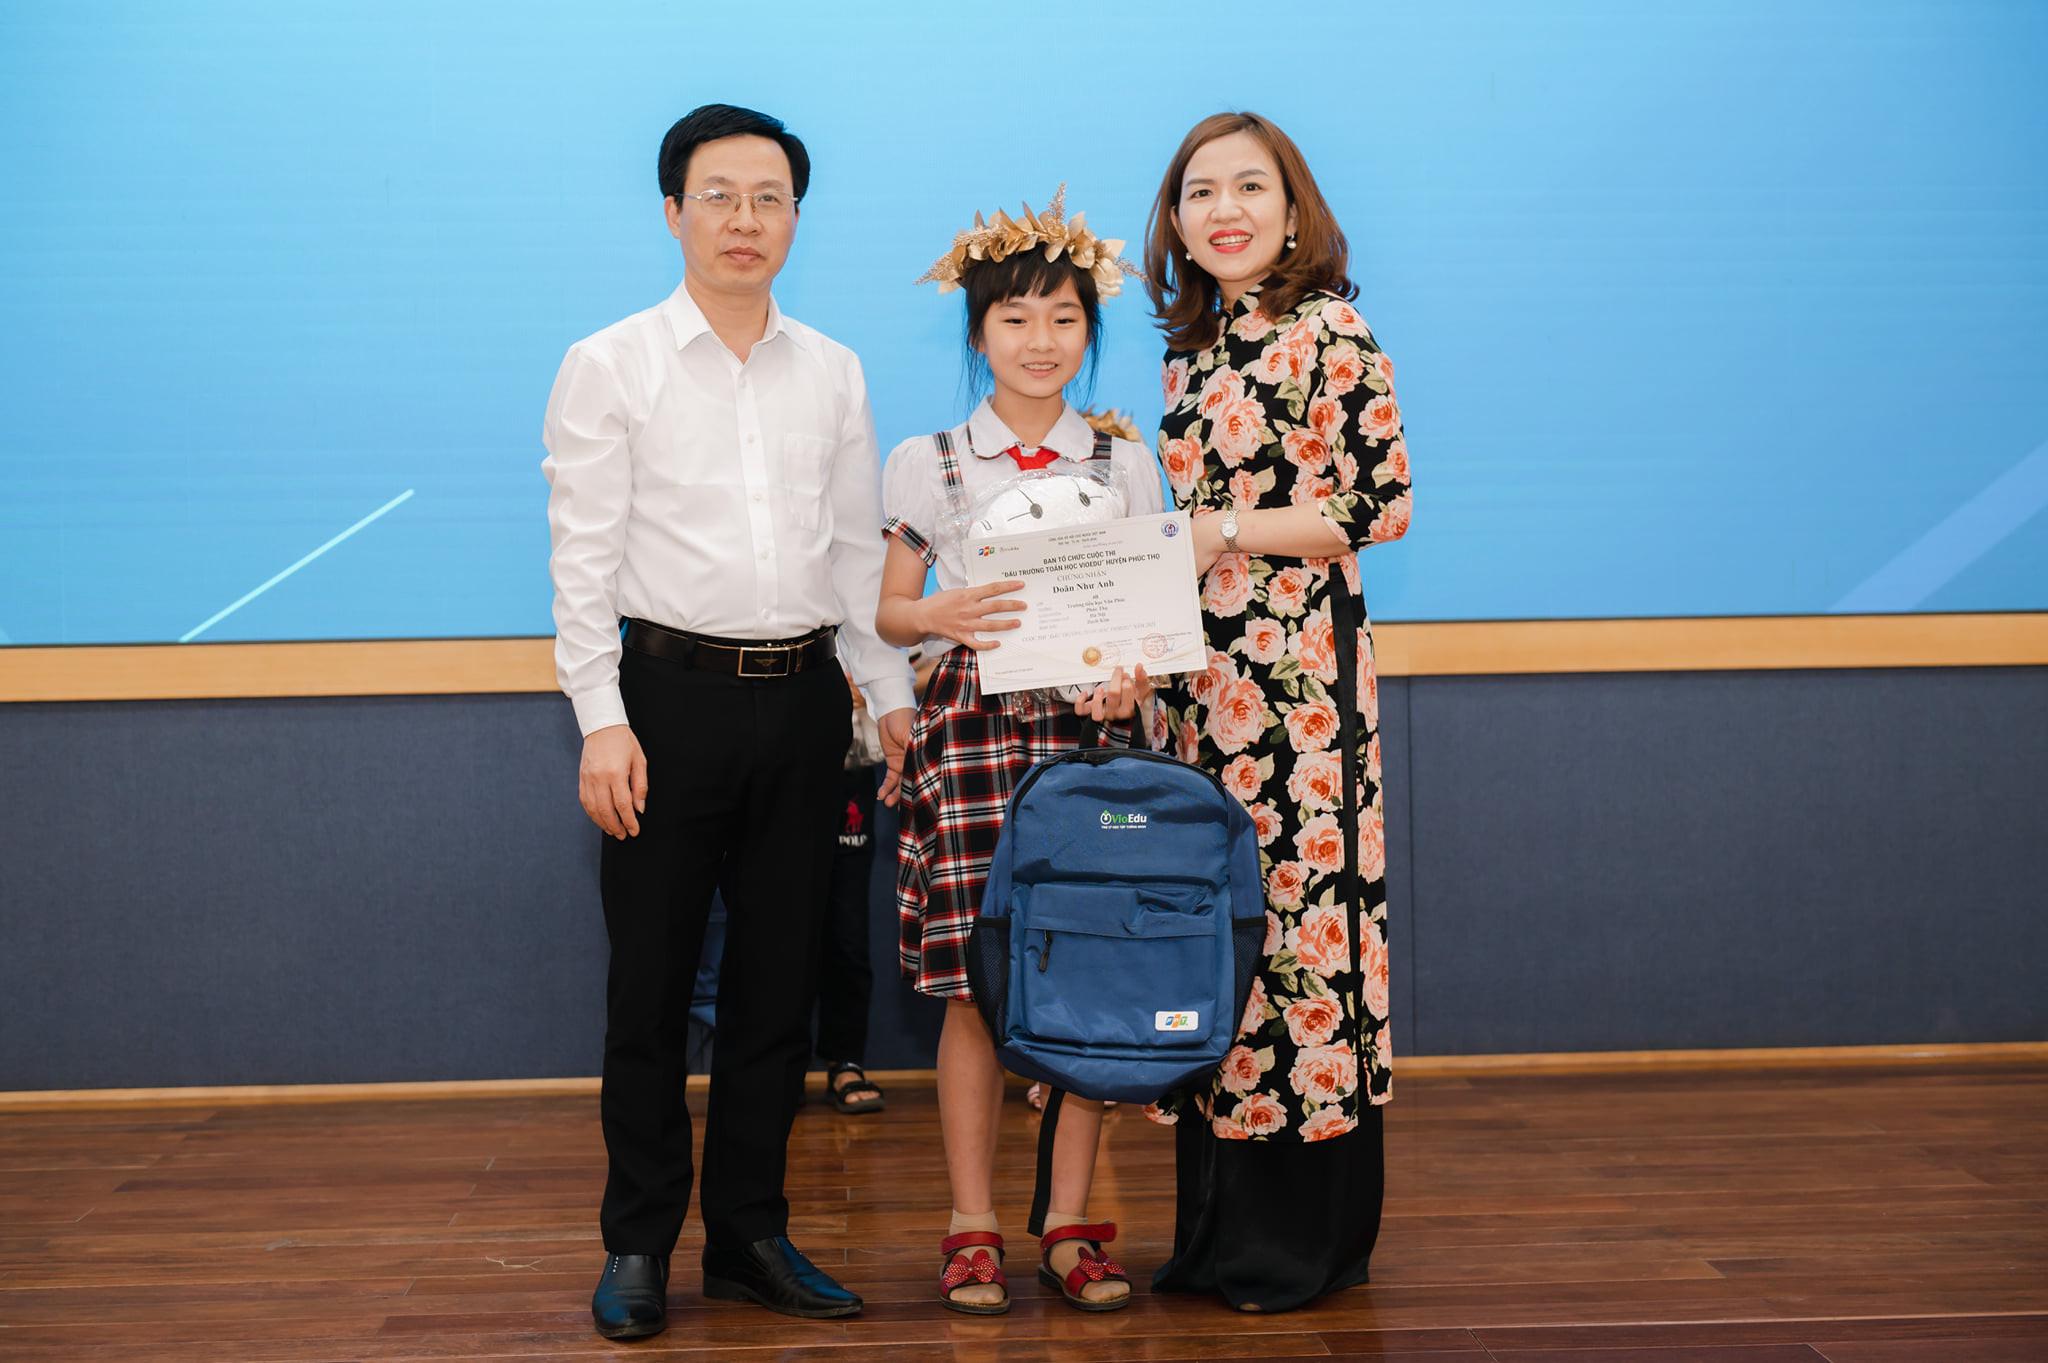 Doãn Như Anh xuất sắc giành giải Bạch Kim - đấu trường toán học VioEdu mùa 2, tổ chức bởi Phòng GD&ĐT huyện Phúc Thọ